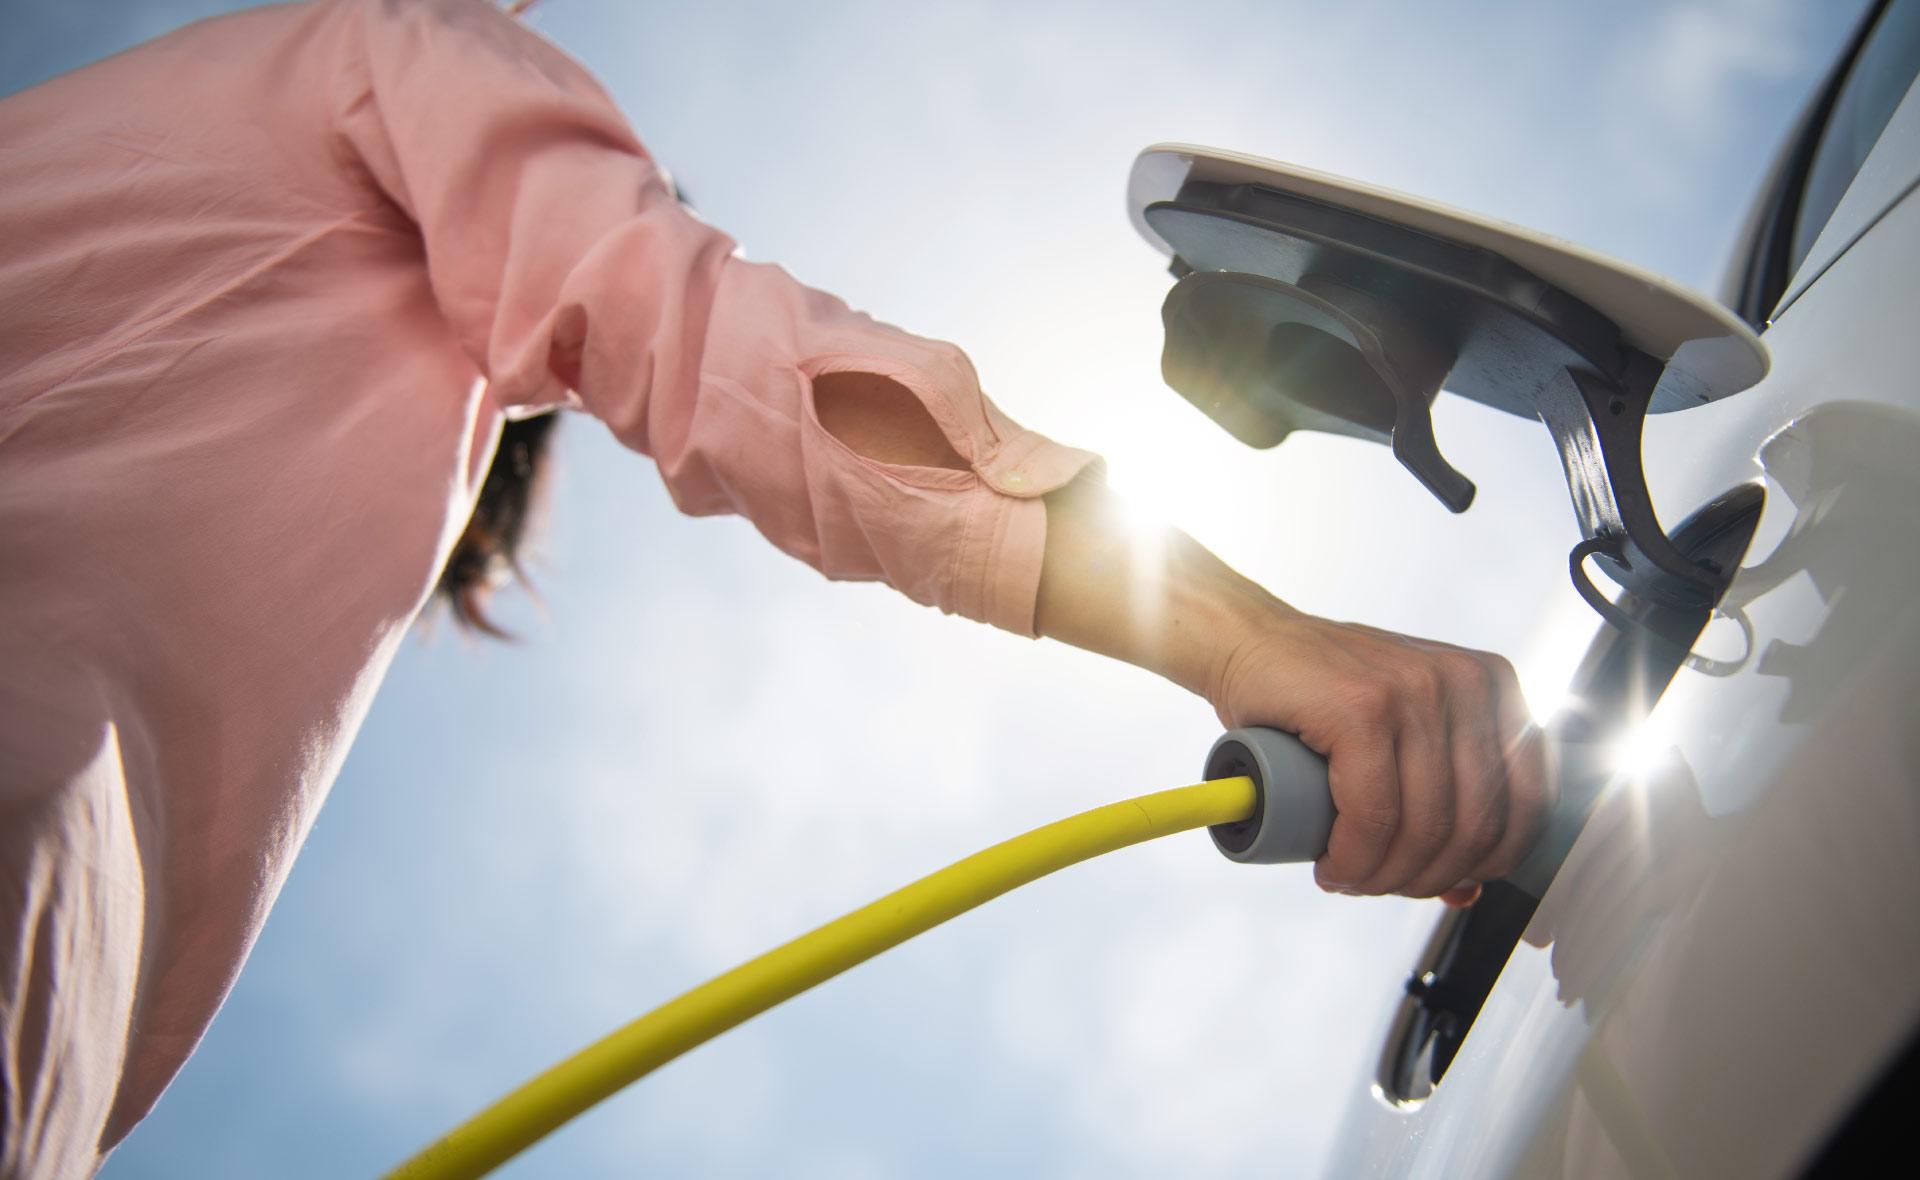 turquía-prestamos-coches-sostenible-vehiculos-hibridos-electricos-eficiencia-movilidad